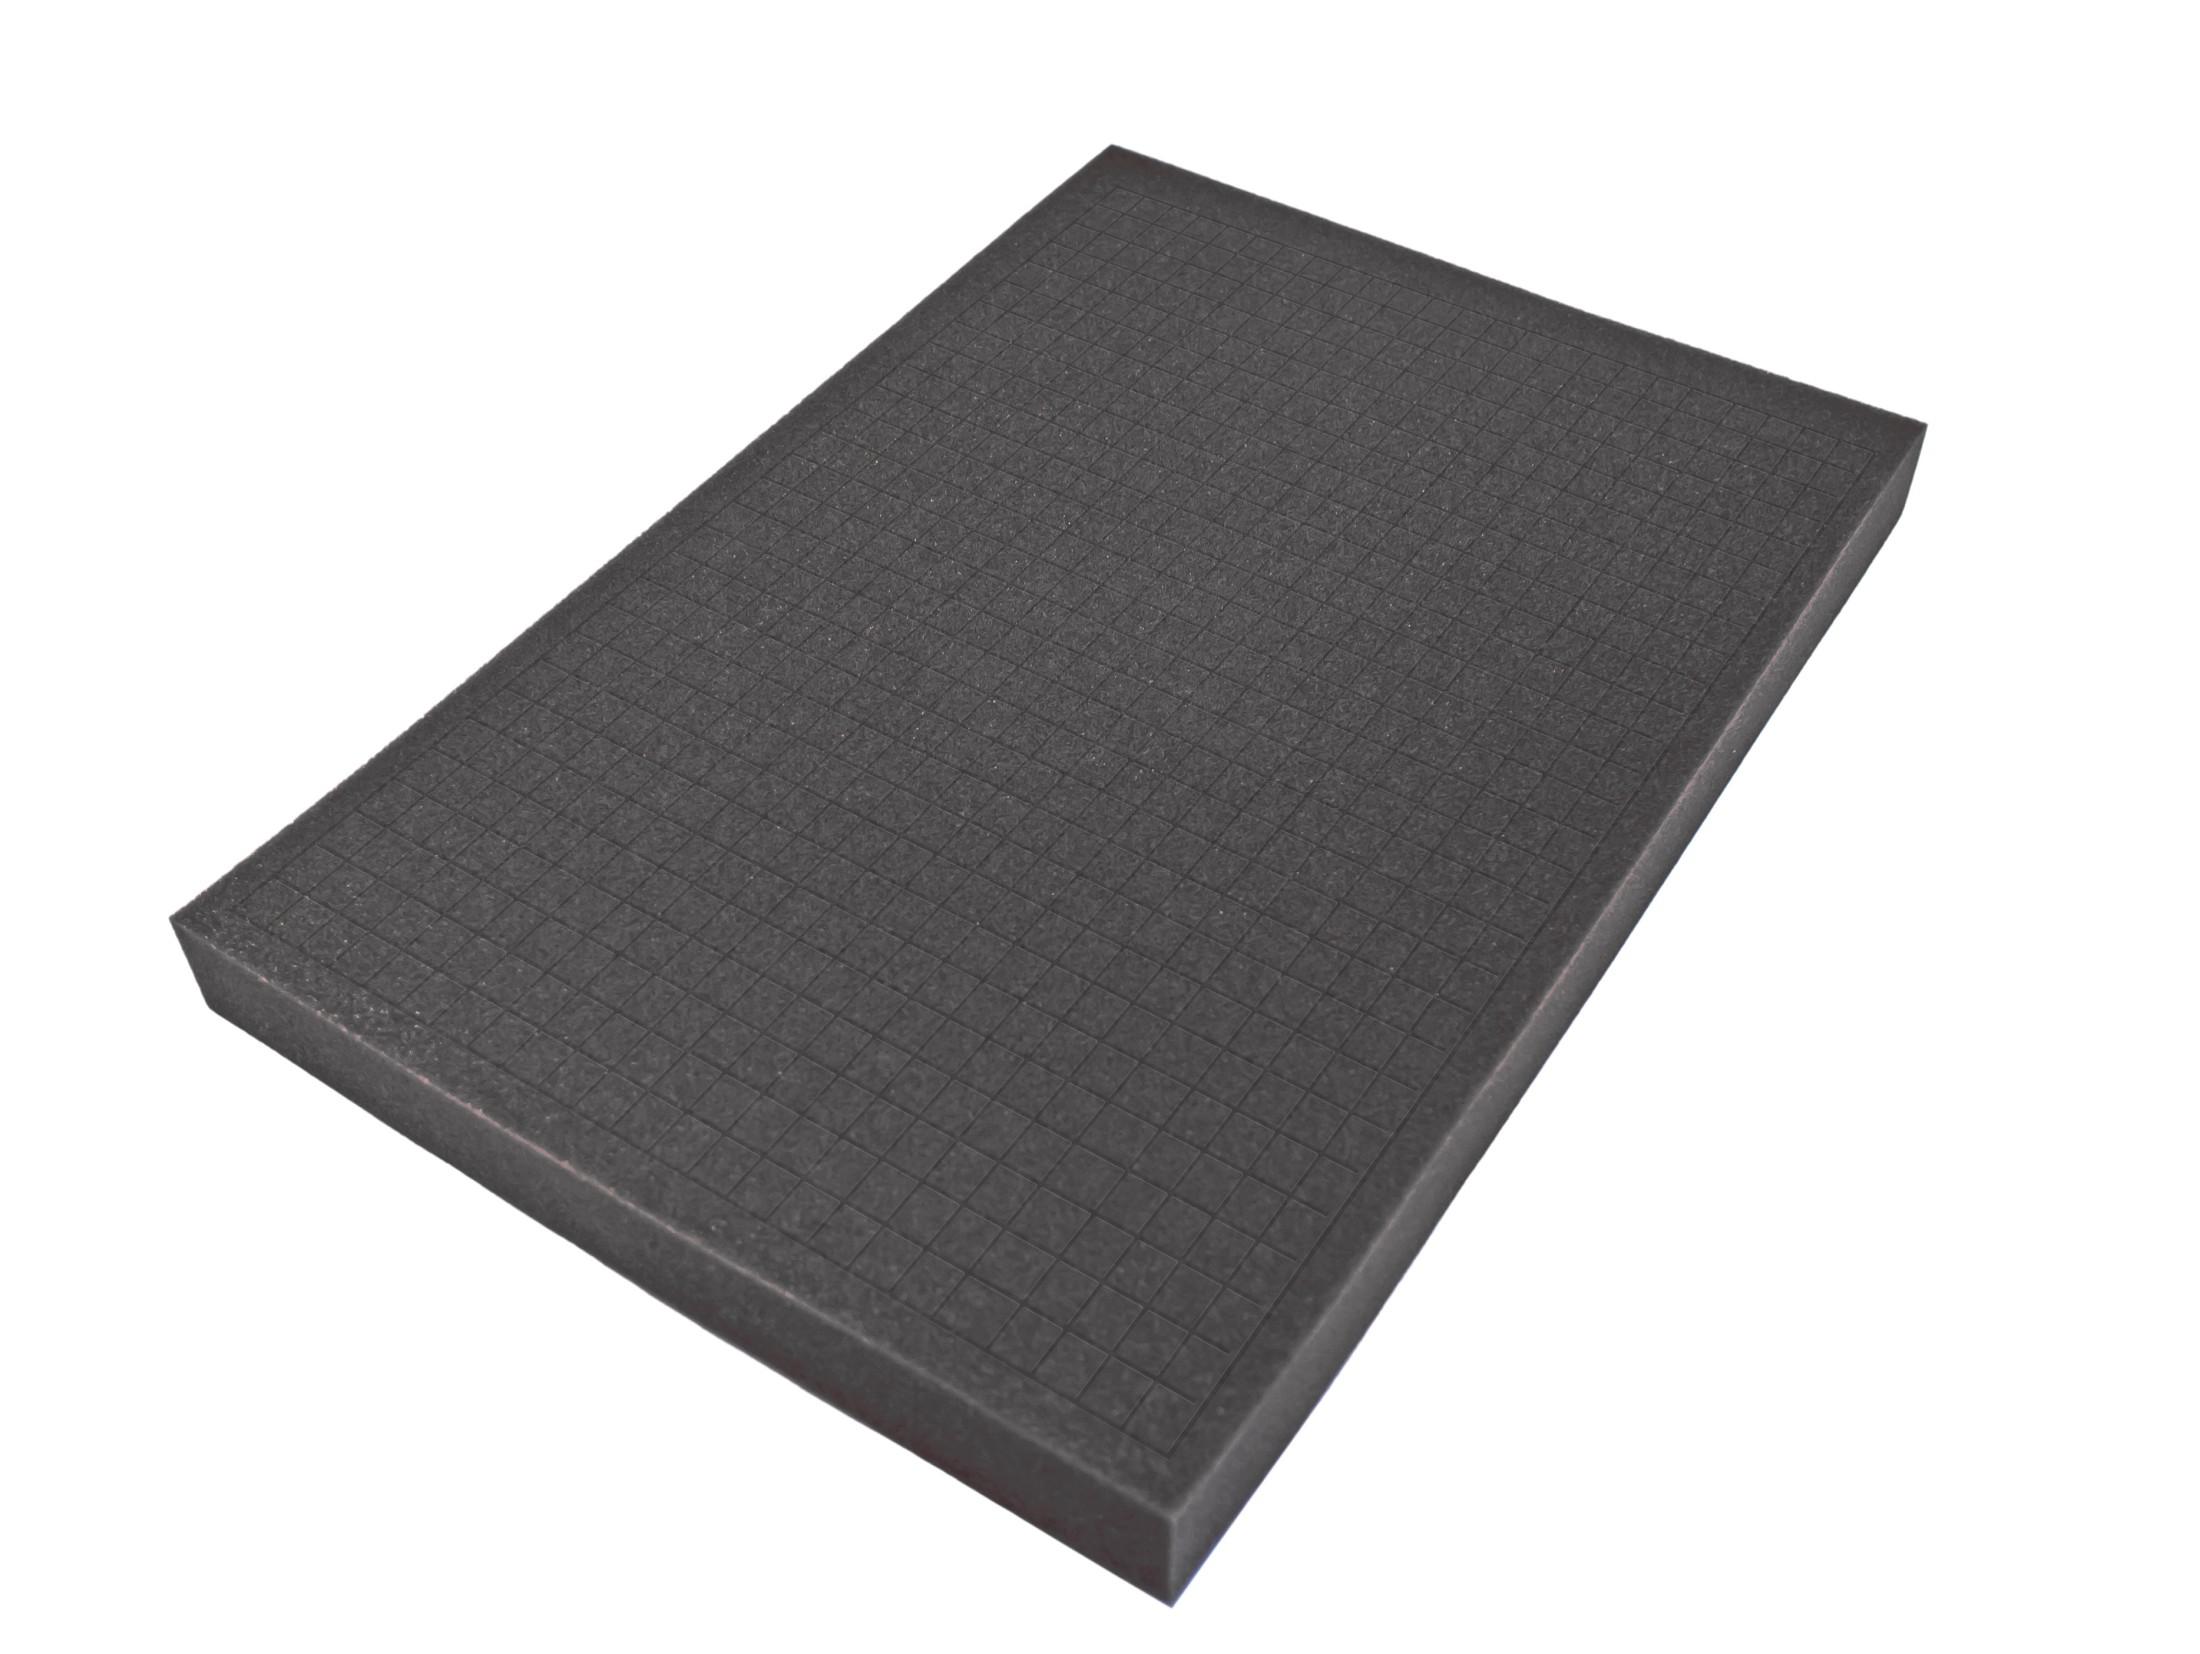 «PeakTech® P 7265 S» foam for aluminum case P 7265